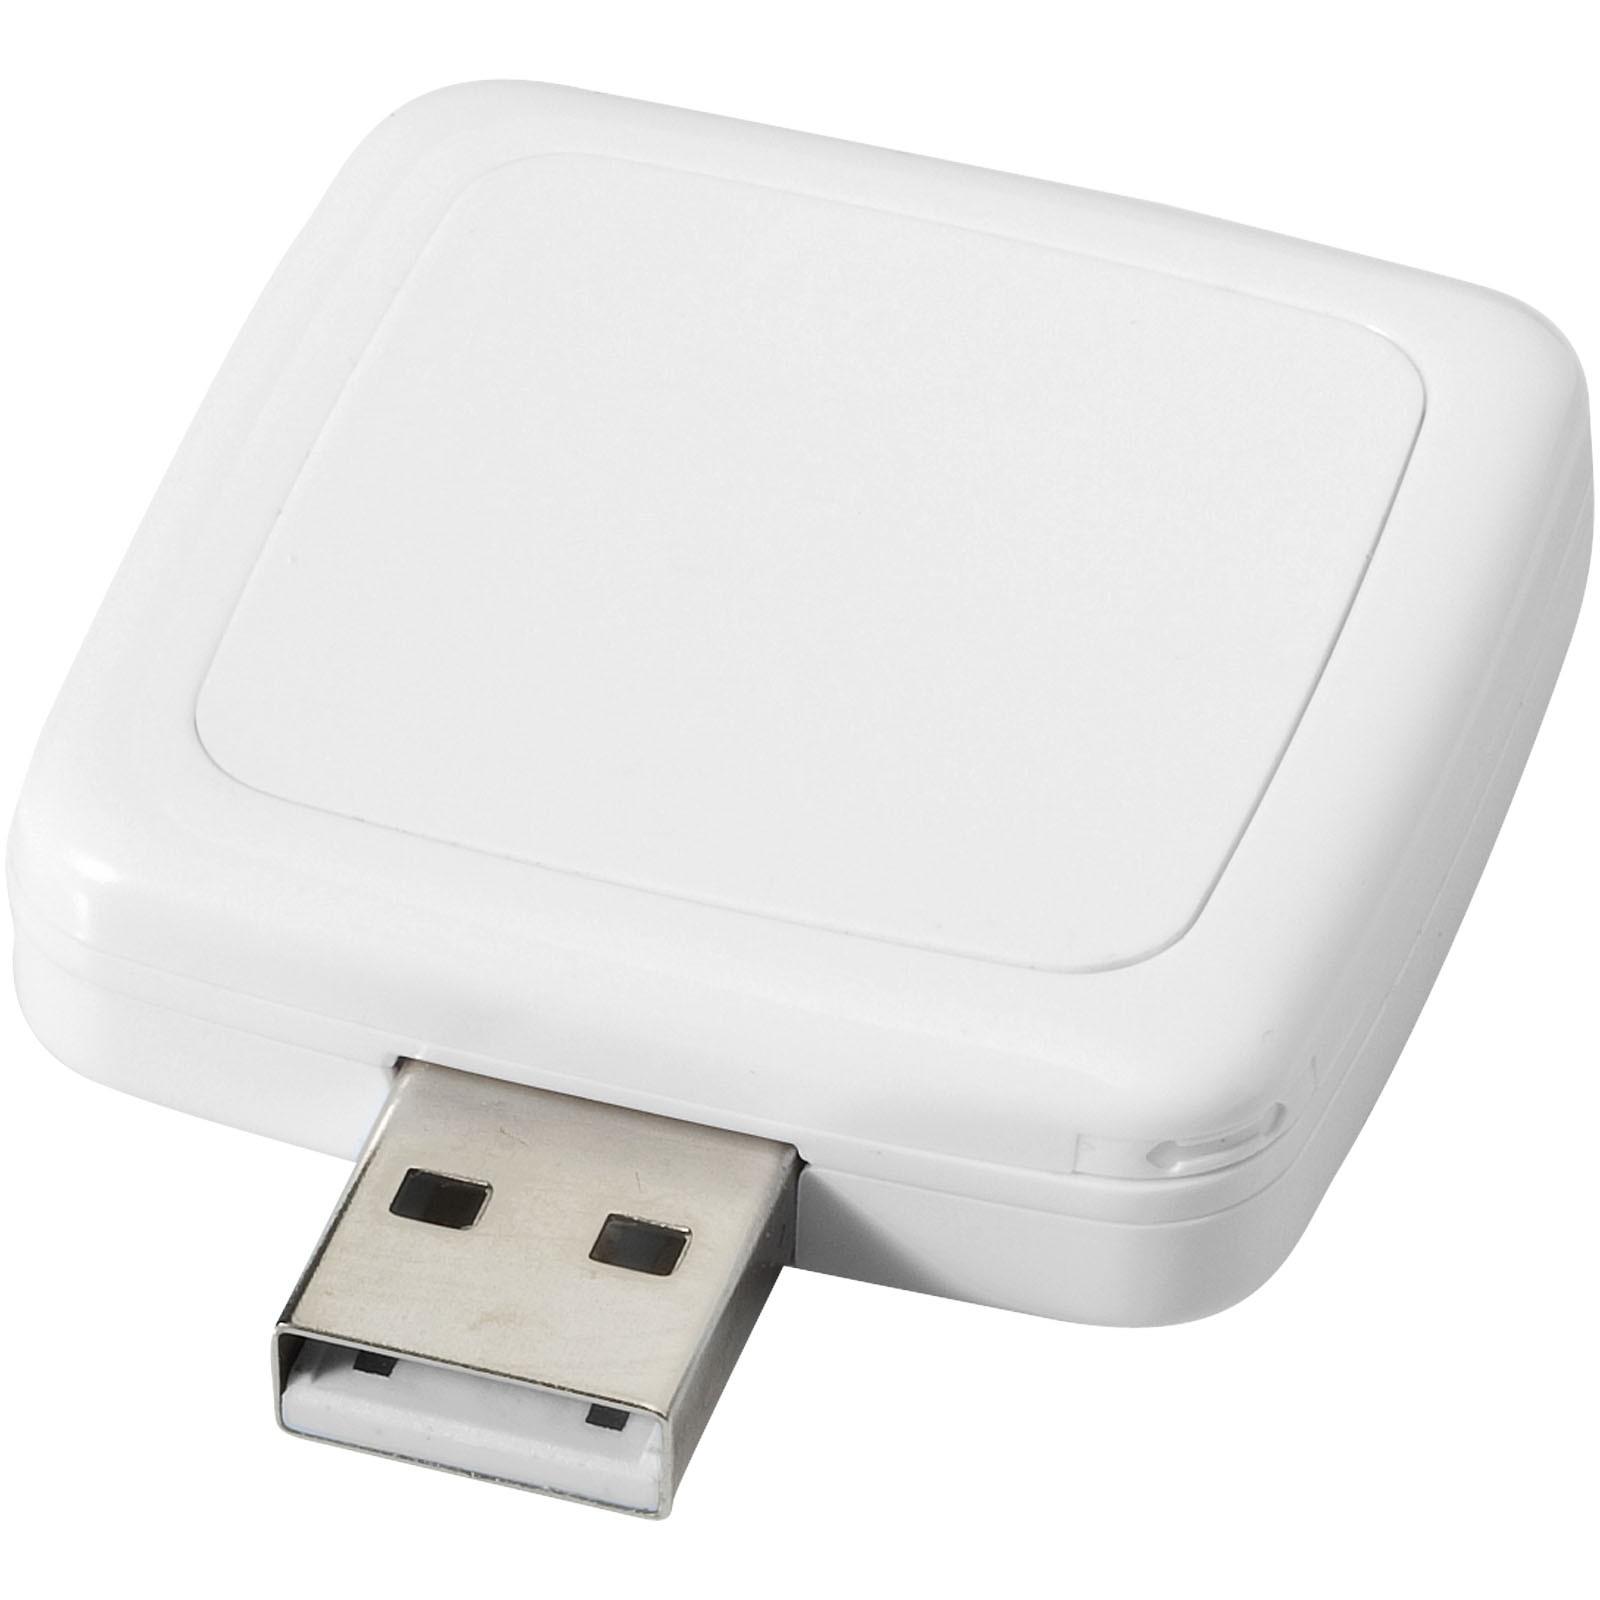 Rotating square USB - White / 8GB